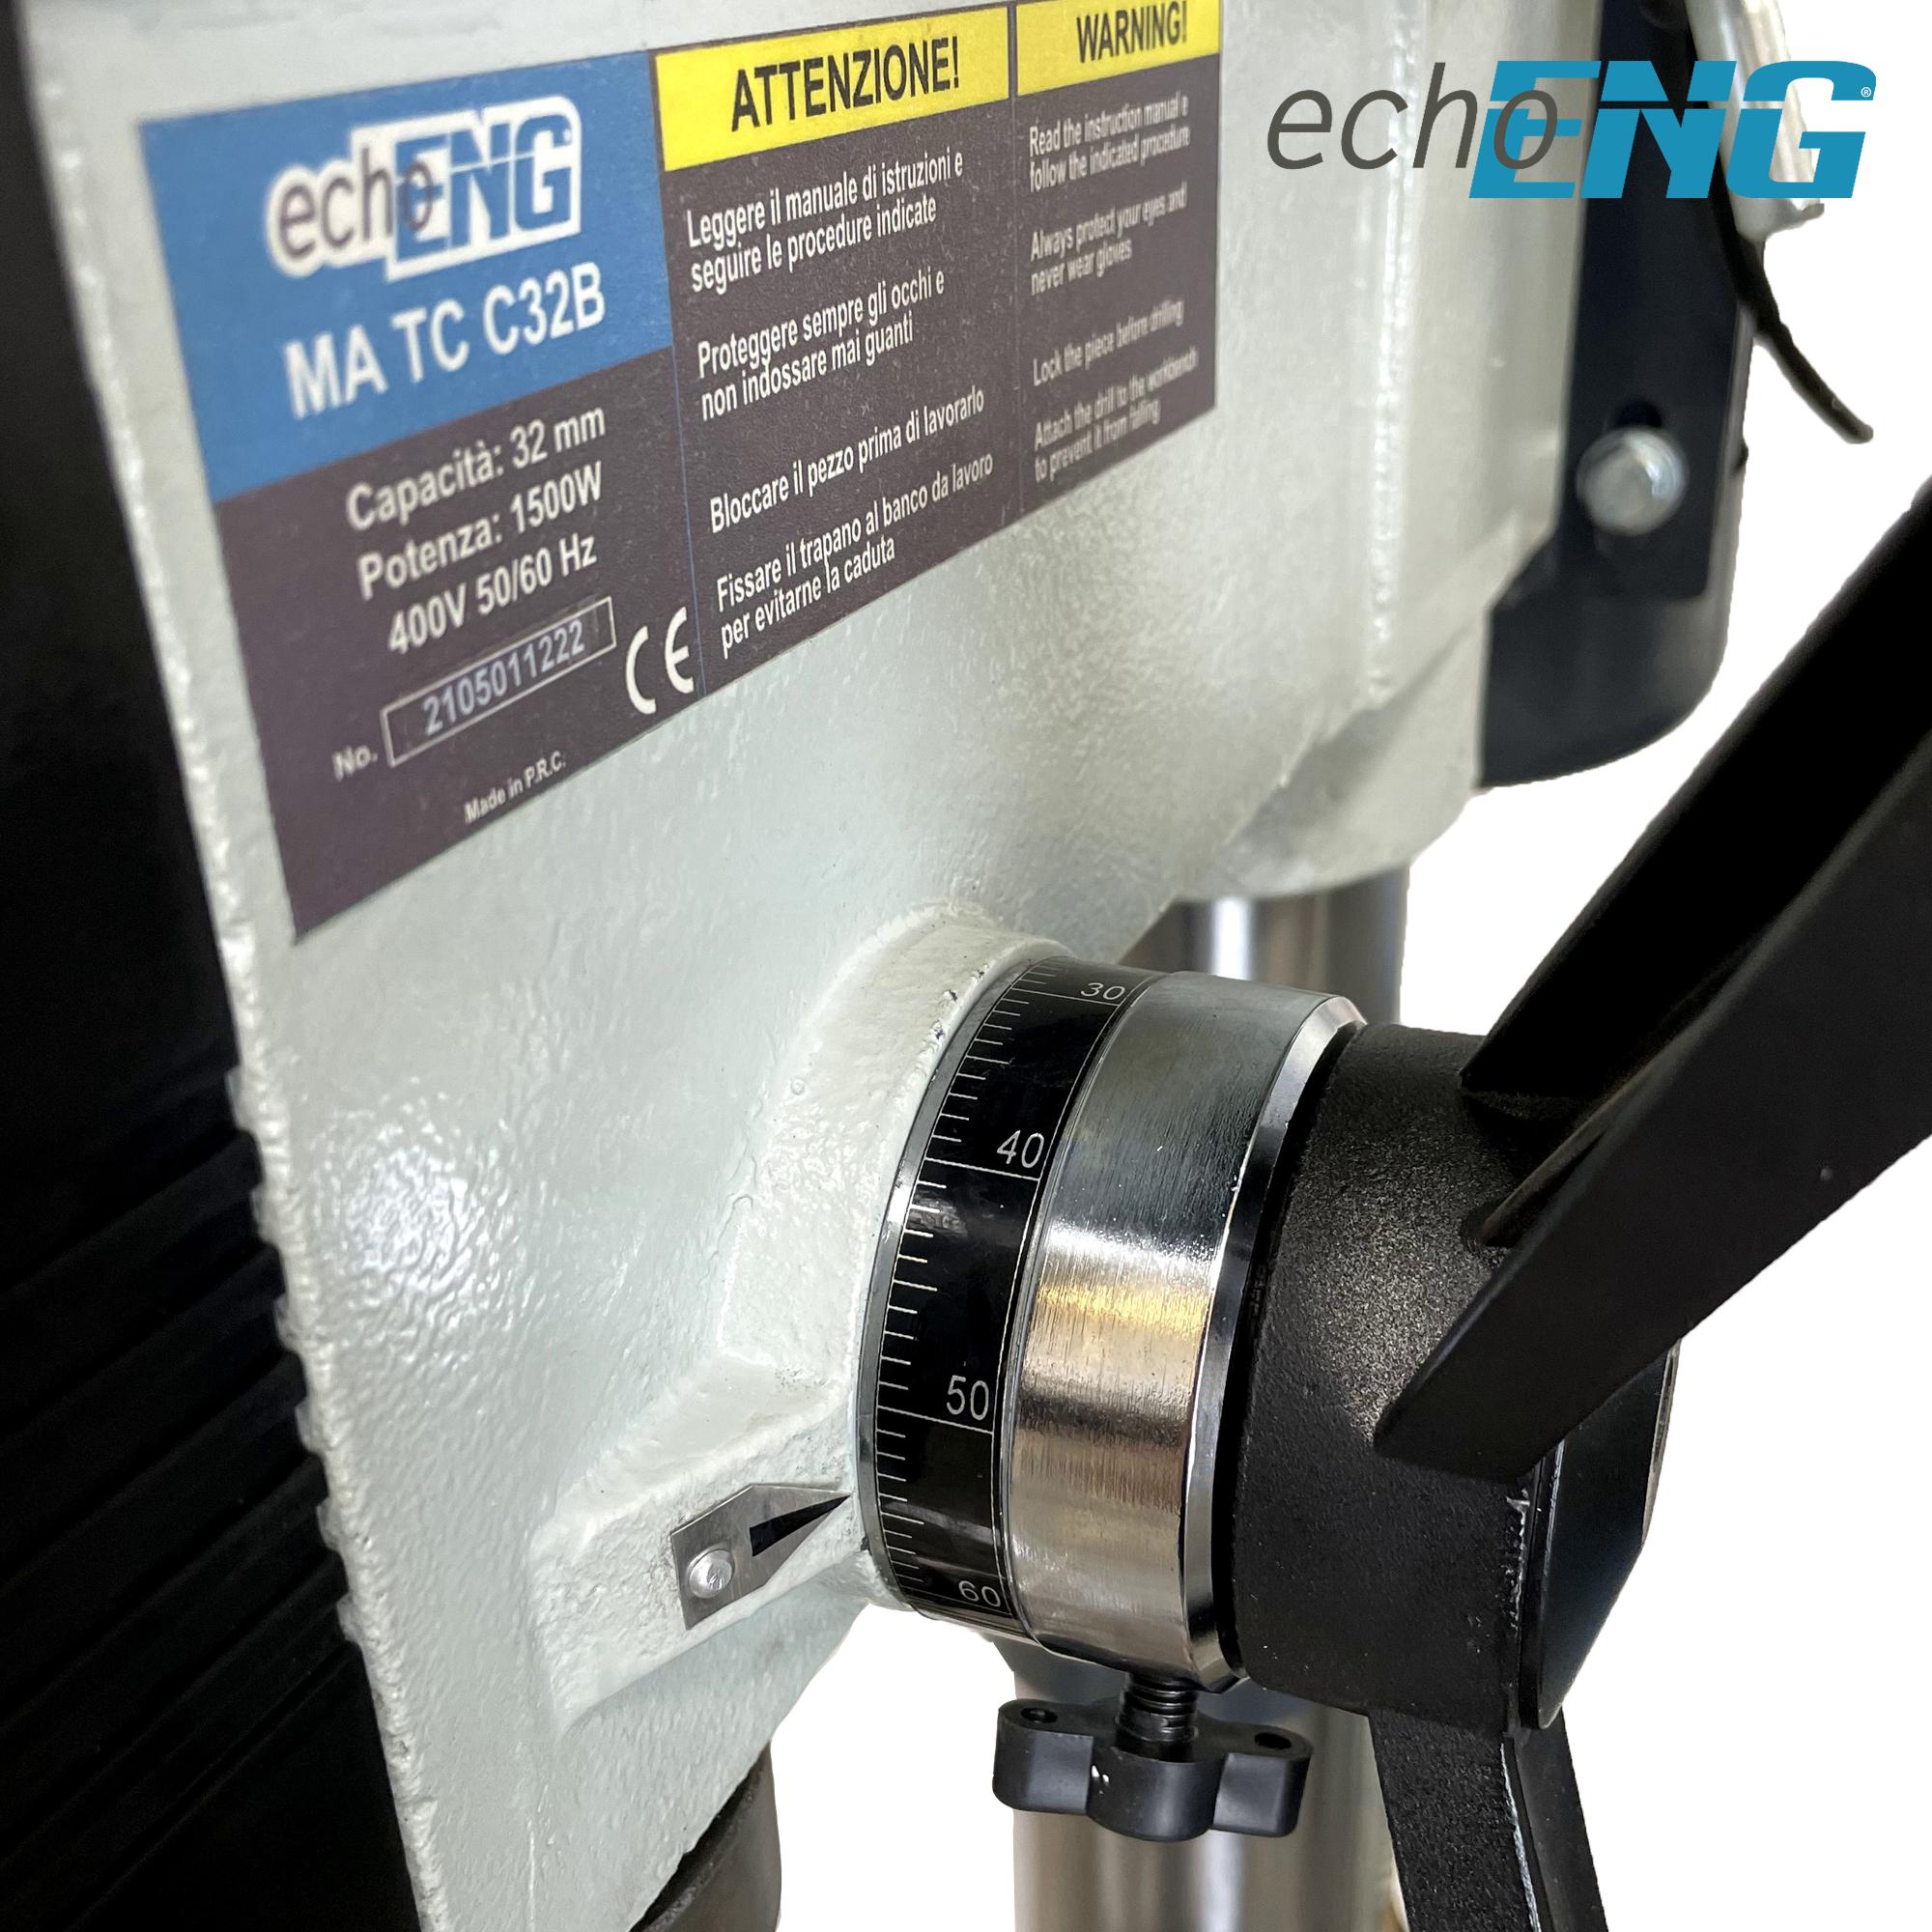 Trapano a colonna con trasmissione a cinghia 32mm velocità regolabile - echoENG